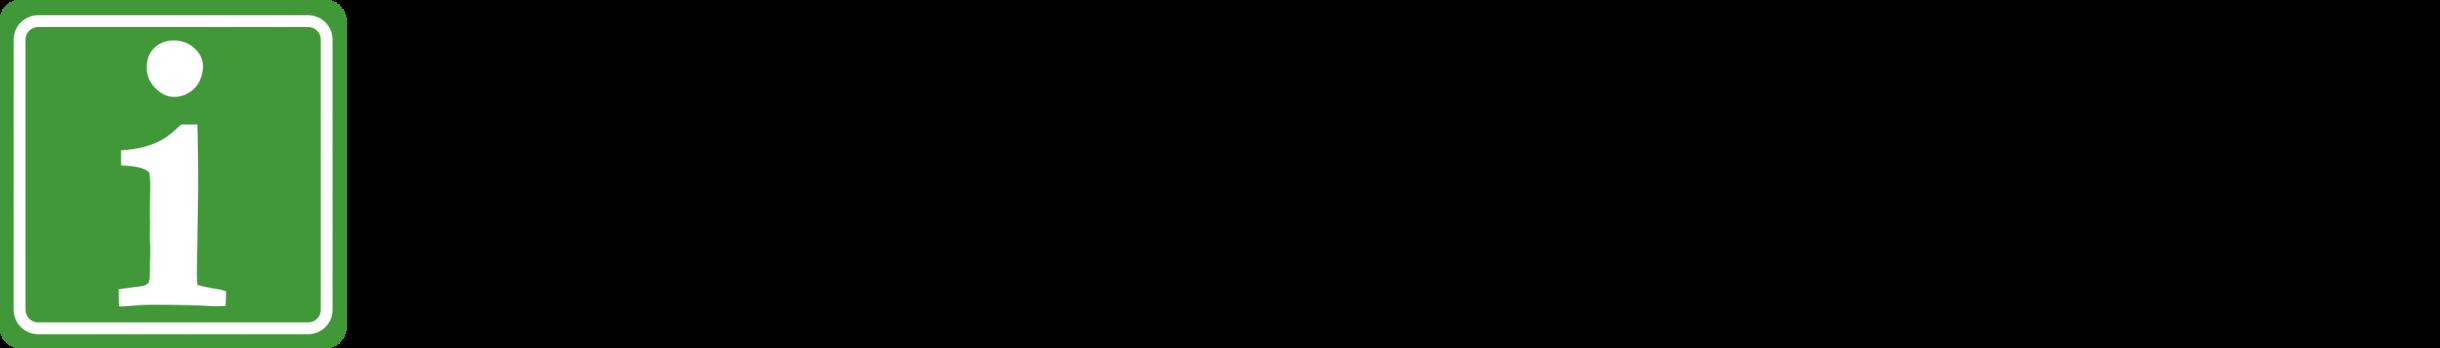 Rokiškio TIC